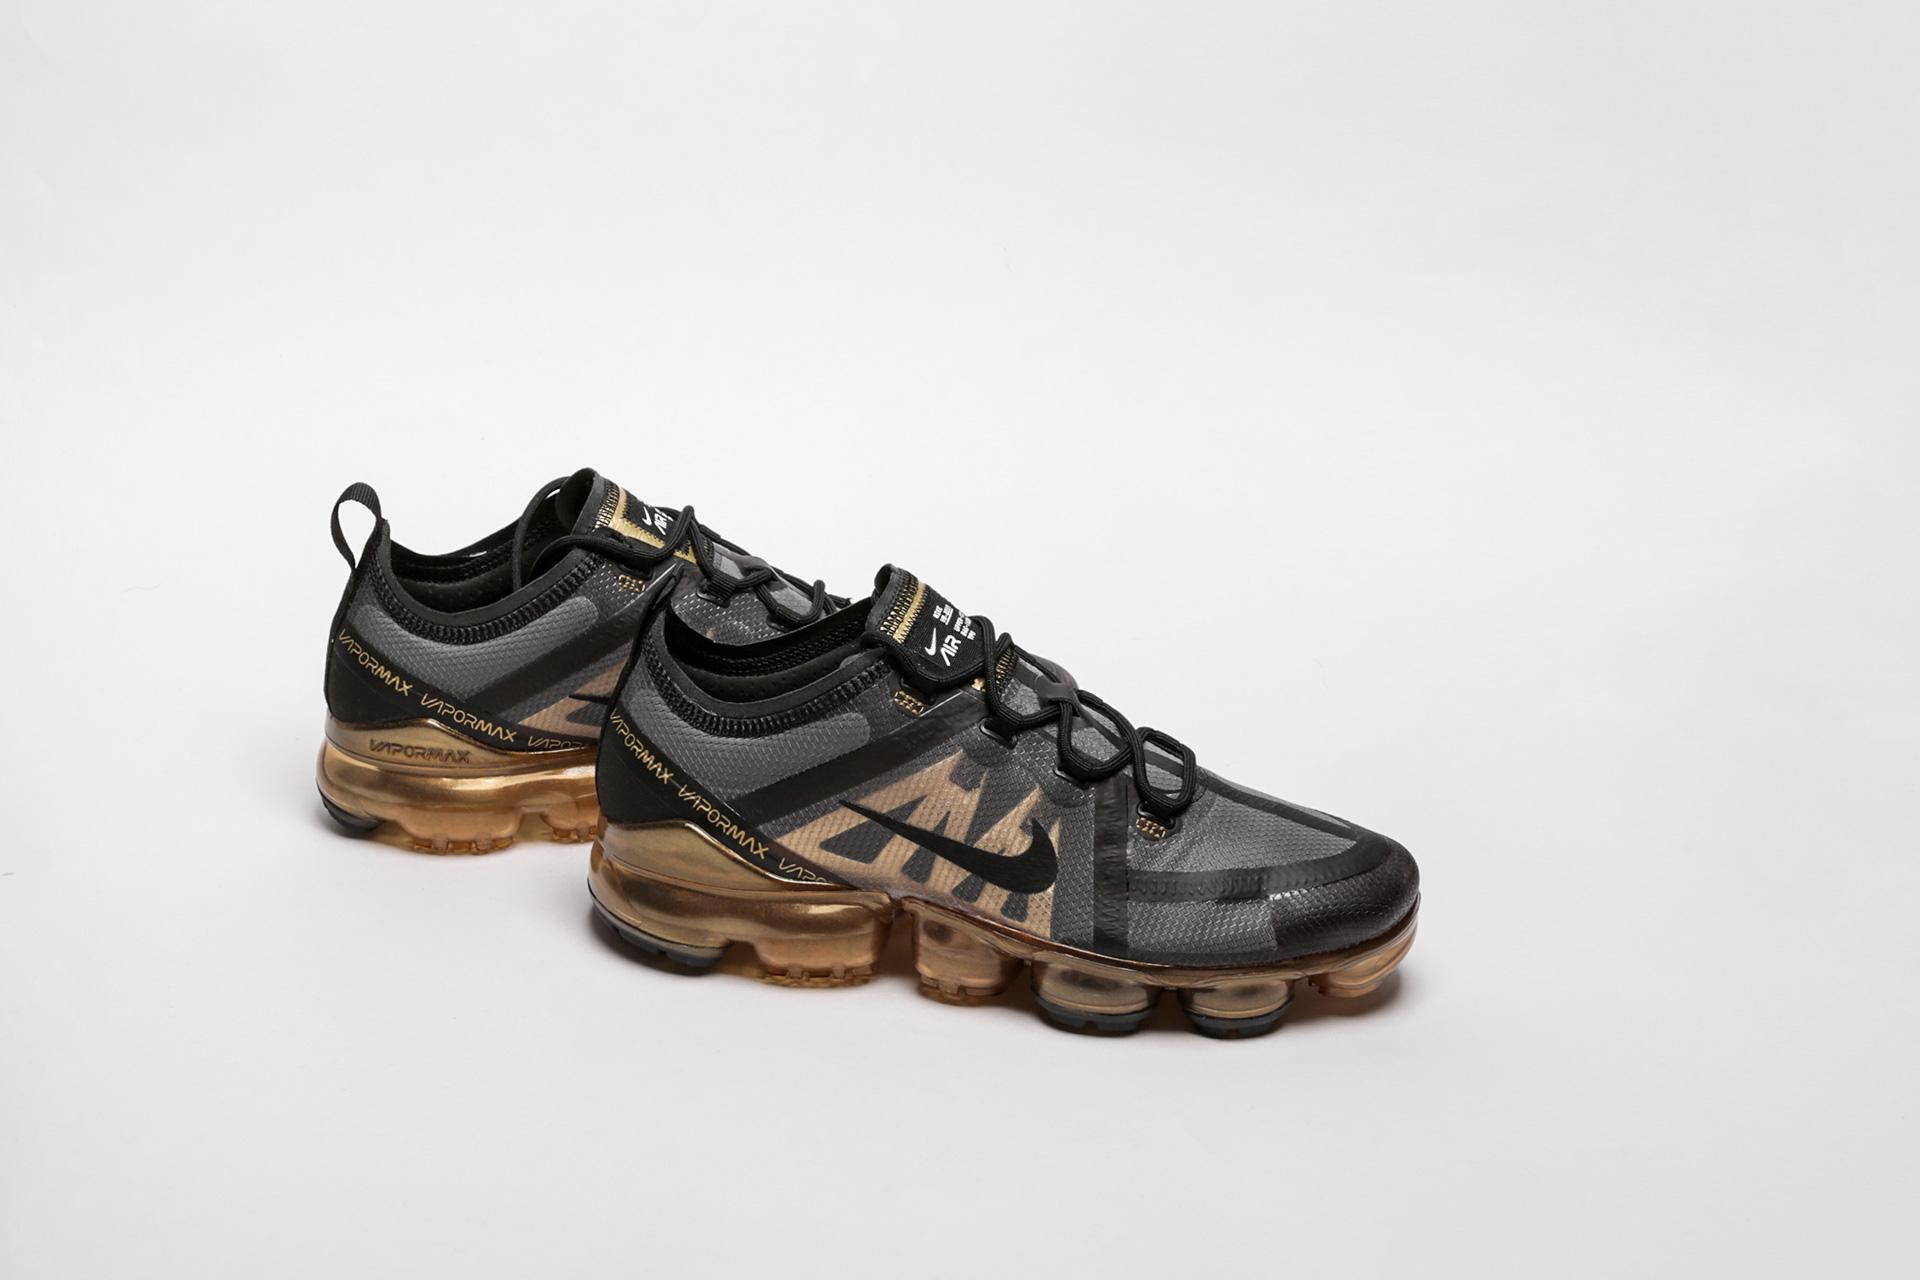 42524da4 Купить черные мужские кроссовки Air Vapormax 2019 от Nike (AR6631 ...